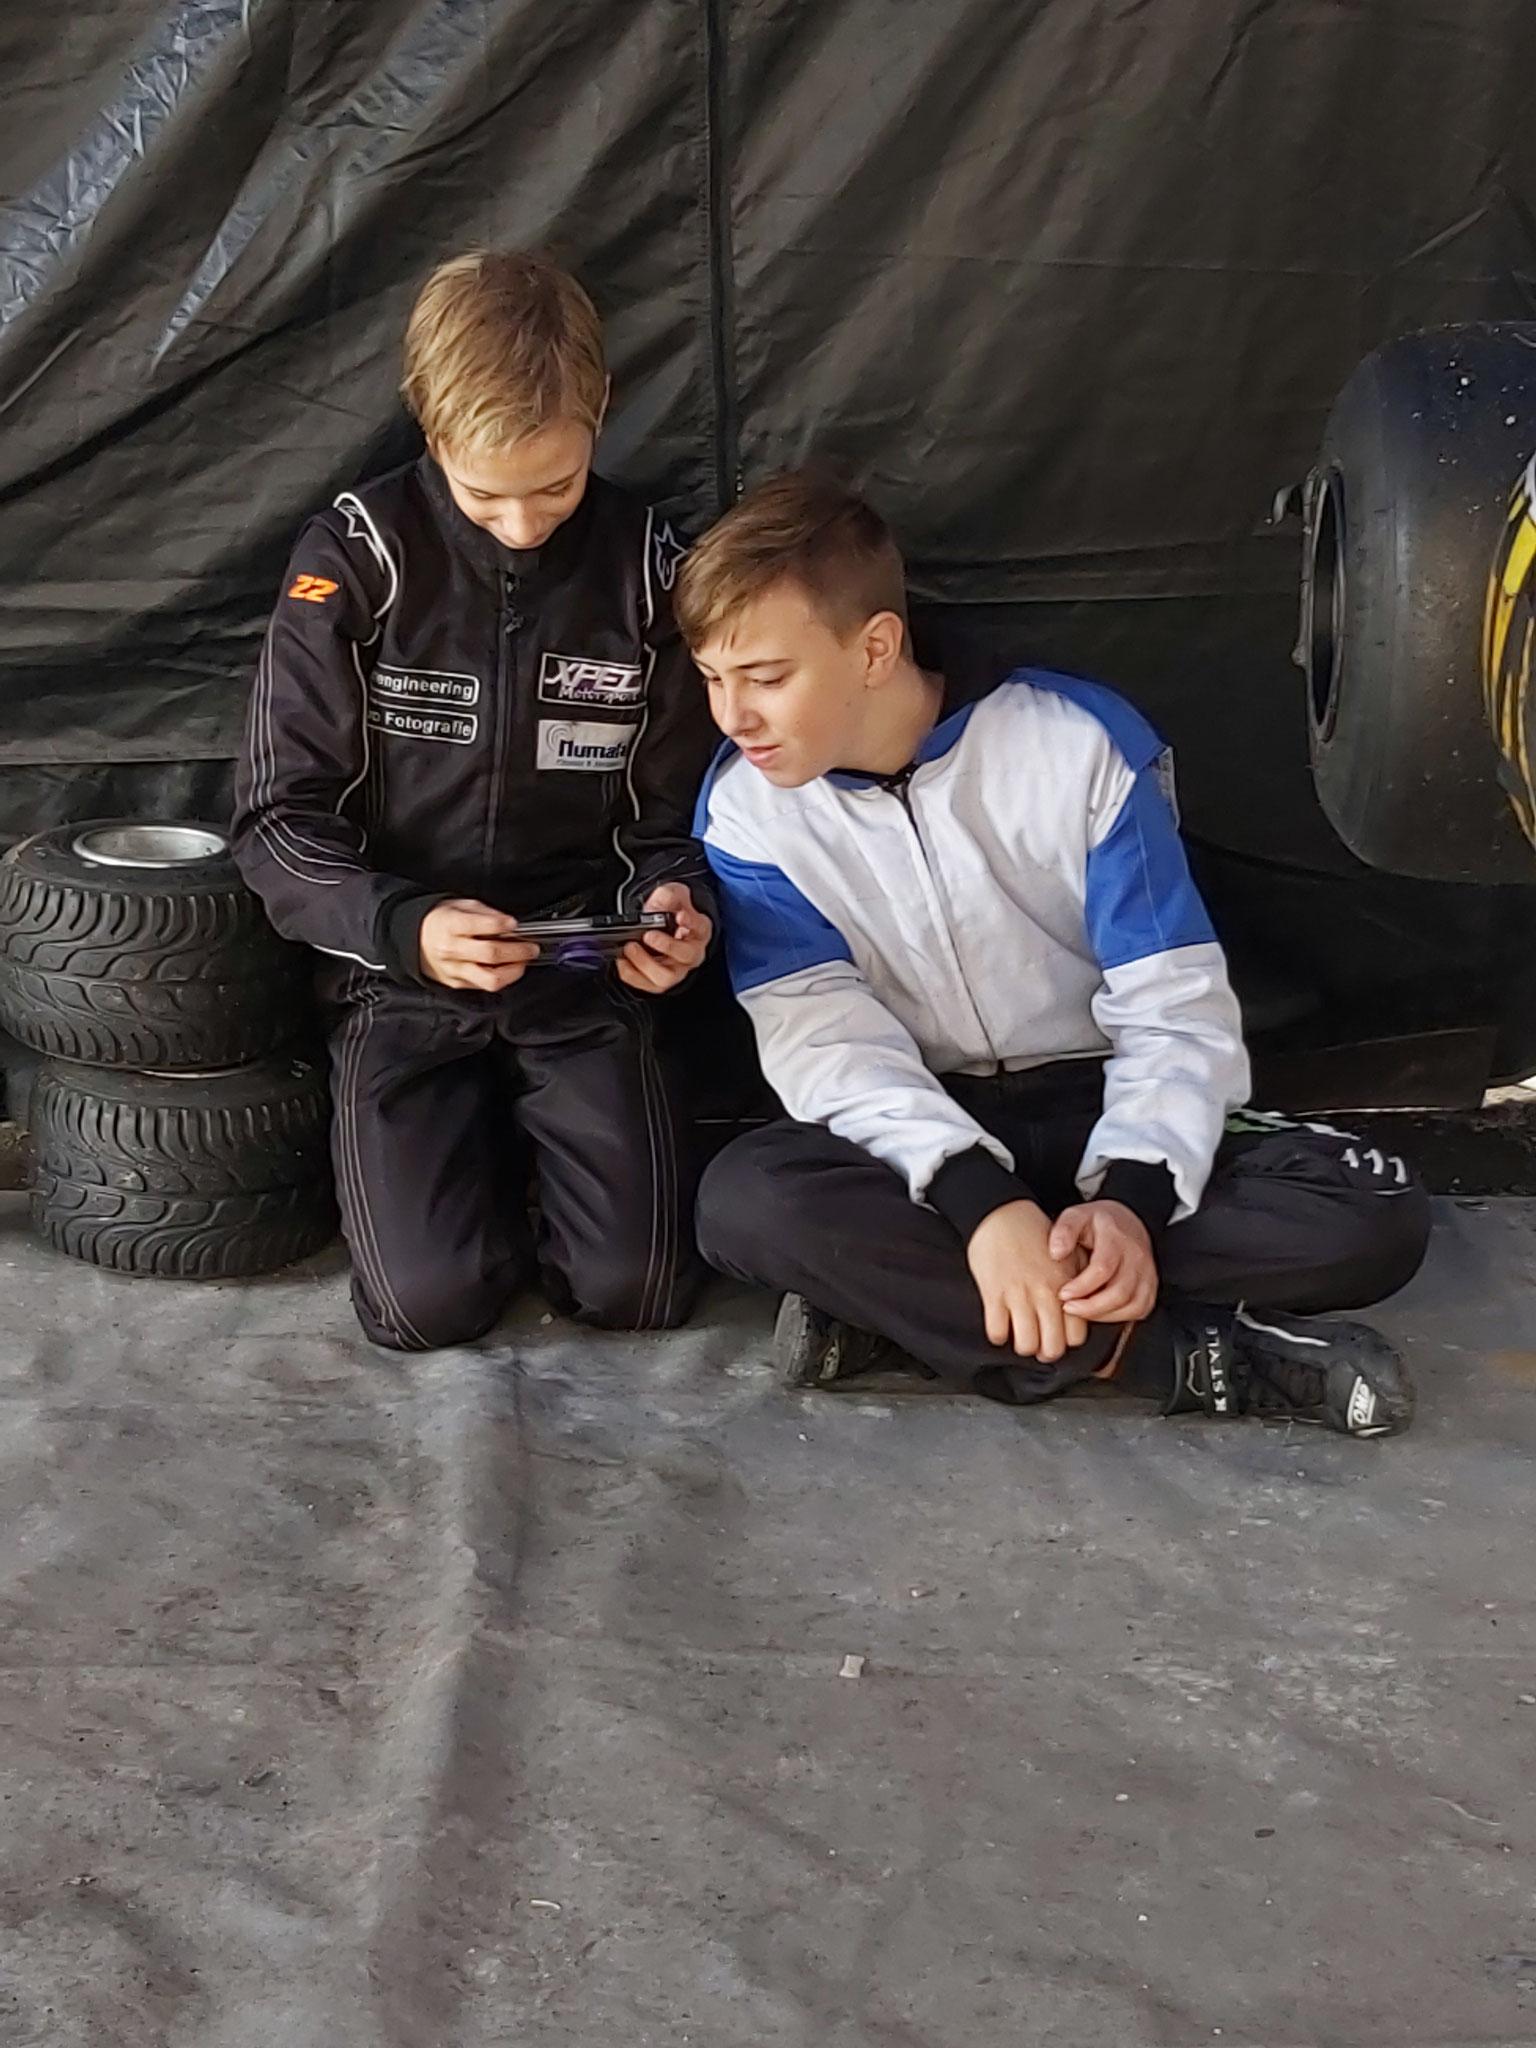 Daarnaast ook genoeg rustpauzes voor onze coureurs, Mika en Mika vermaken zich wel met spelletjes op de telefoon.